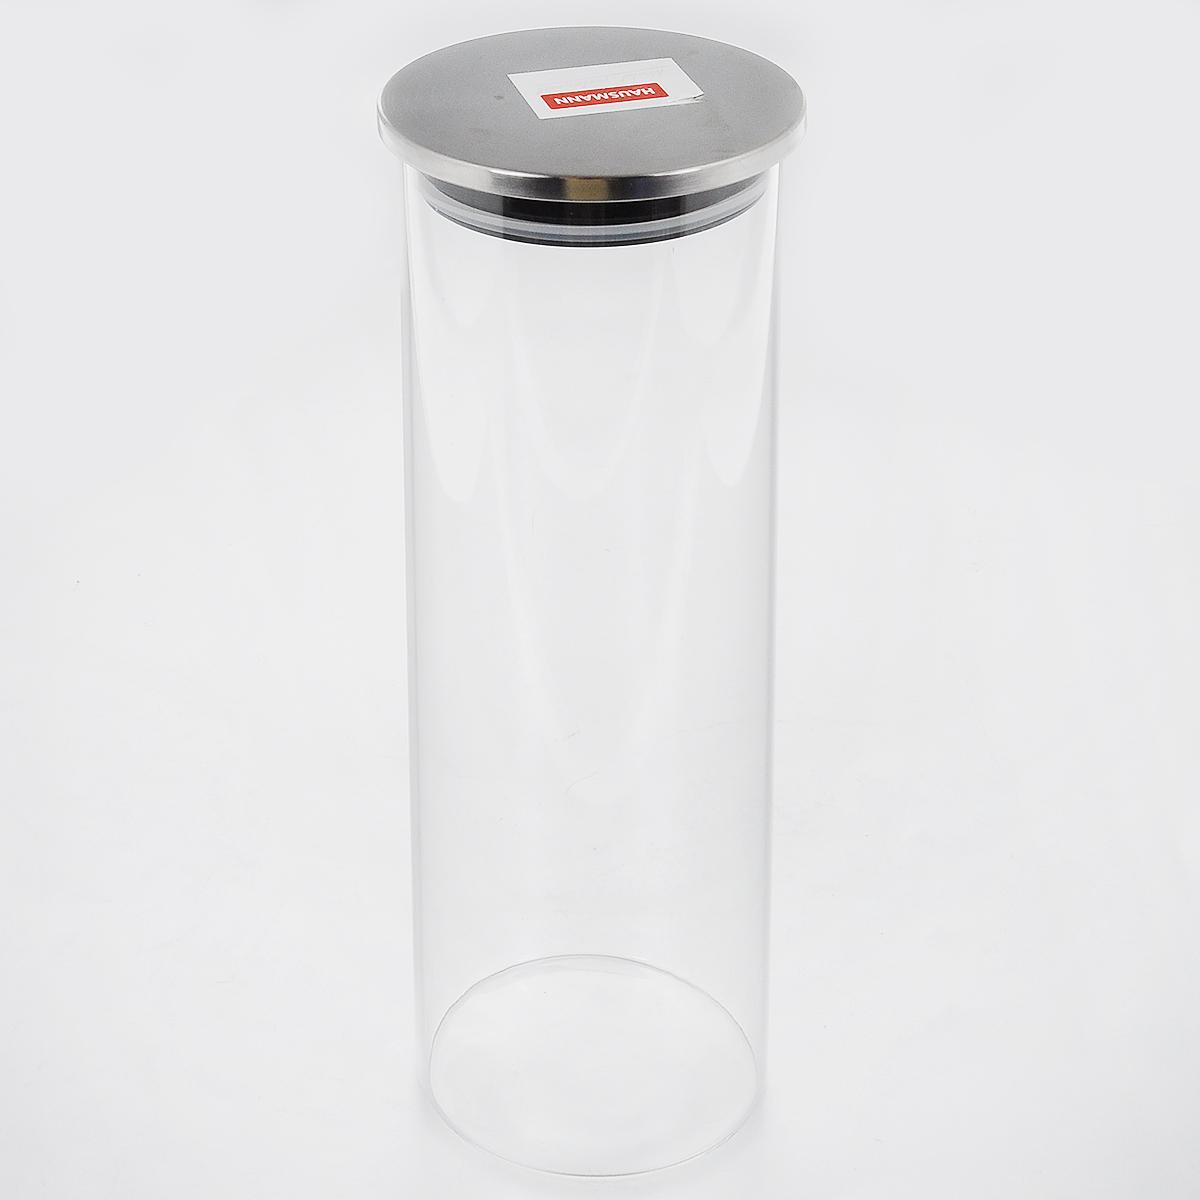 Емкость для хранения Hausmann, 1,59 л1004441Емкость для хранения Hausmann изготовлена из высококачественного стекла. Изделие оснащено герметичной металлической крышкой. Благодаря уплотнительной резинке, крышка плотно закрывается, дольше сохраняя продукты свежими и ароматными. Изделие прекрасно подходит для хранения круп, спагетти, чая, кофе, сахара, орехов и других сыпучих продуктов. Подходит для мытья в посудомоечной машине.